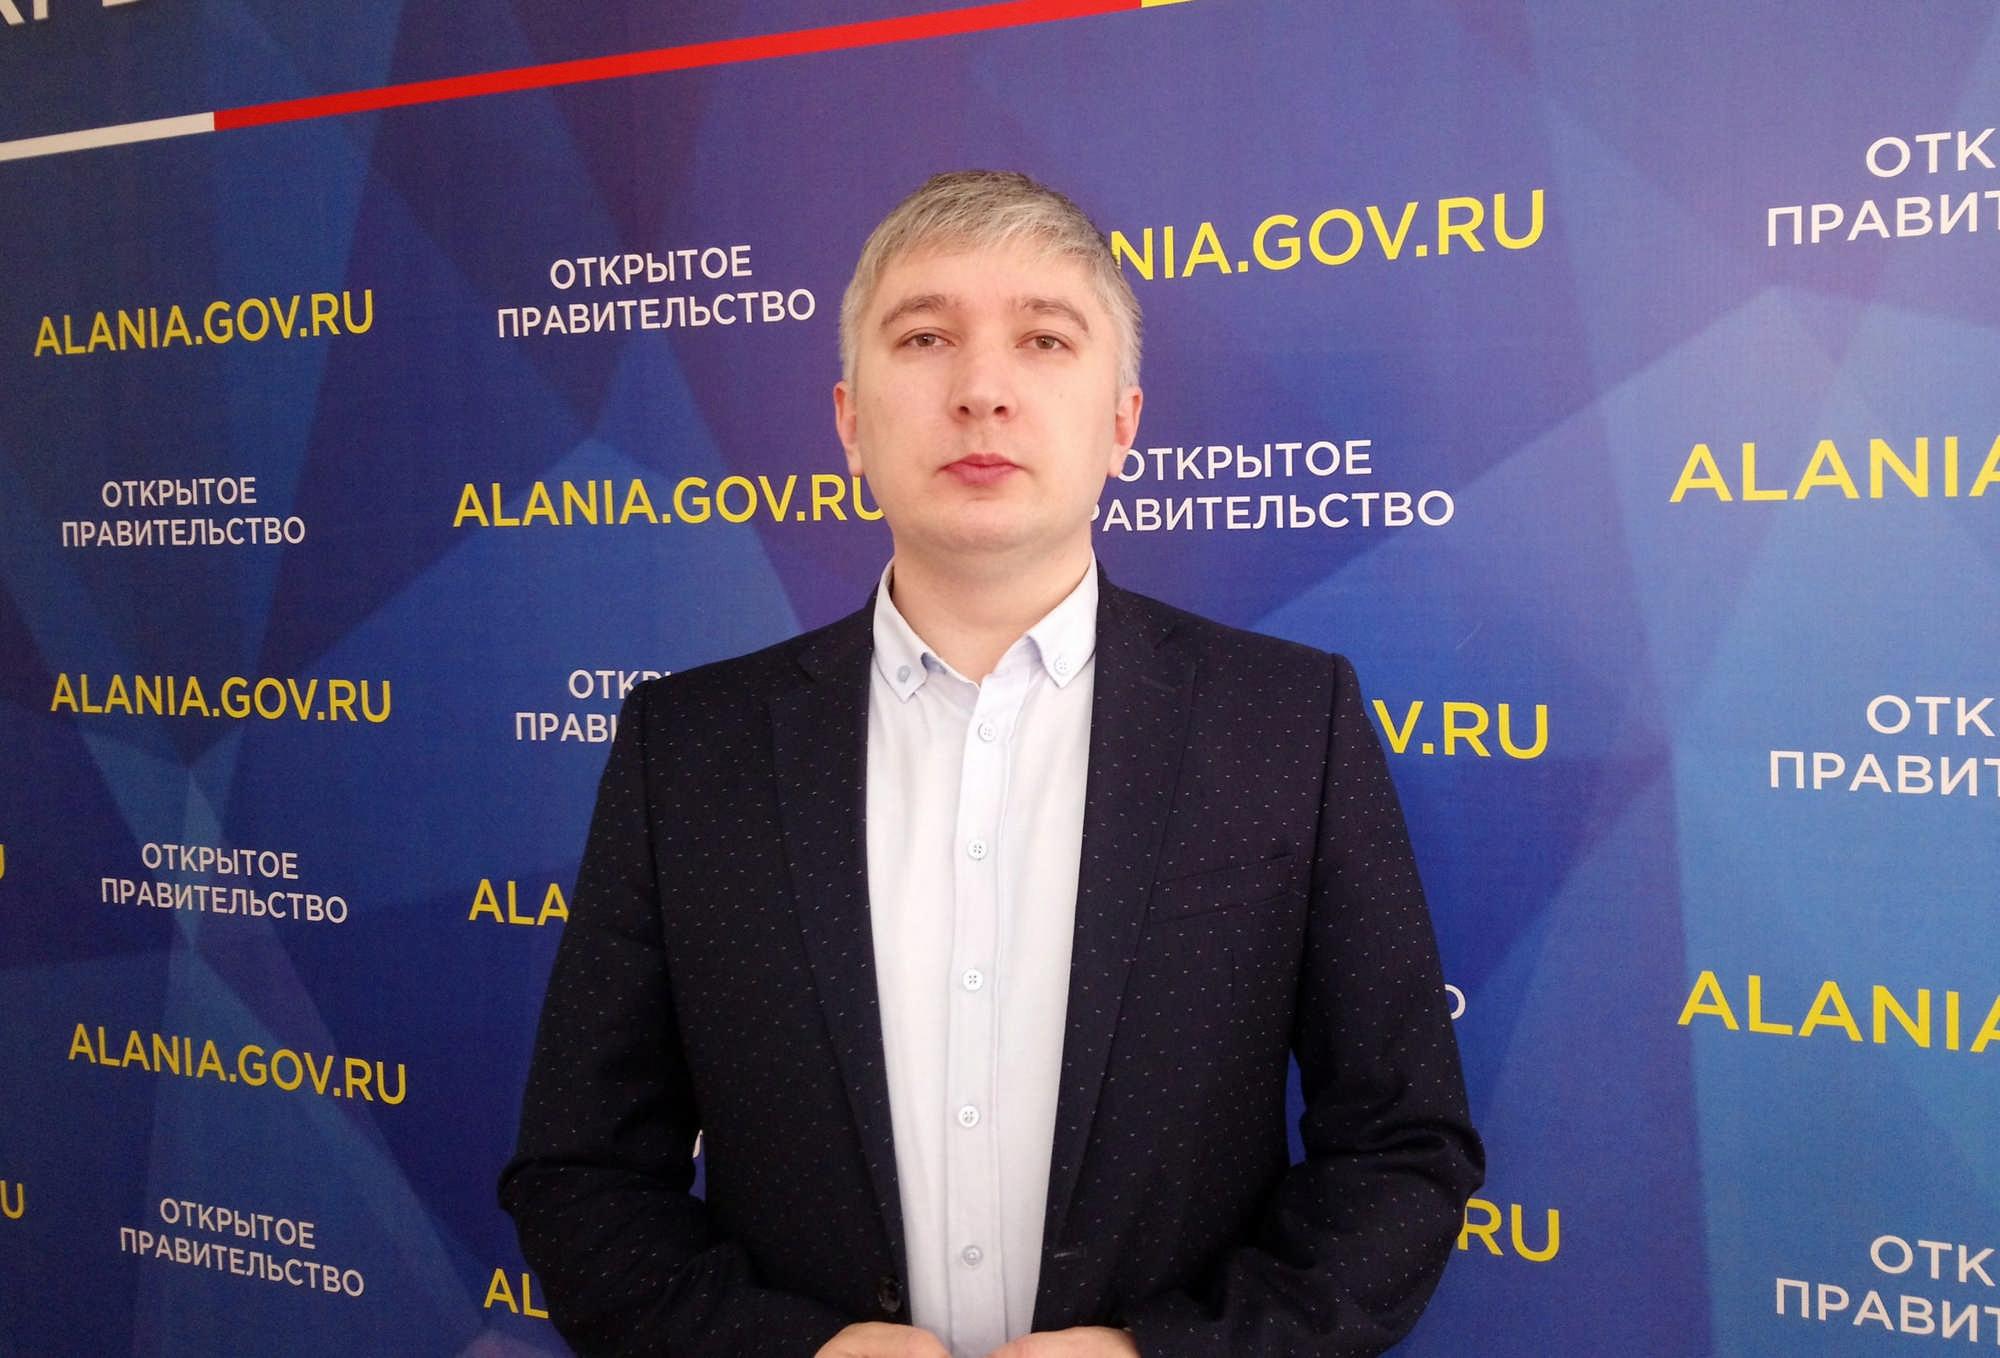 Минэкономразвития Северной Осетии разрабатывает пакет антикризисных мер